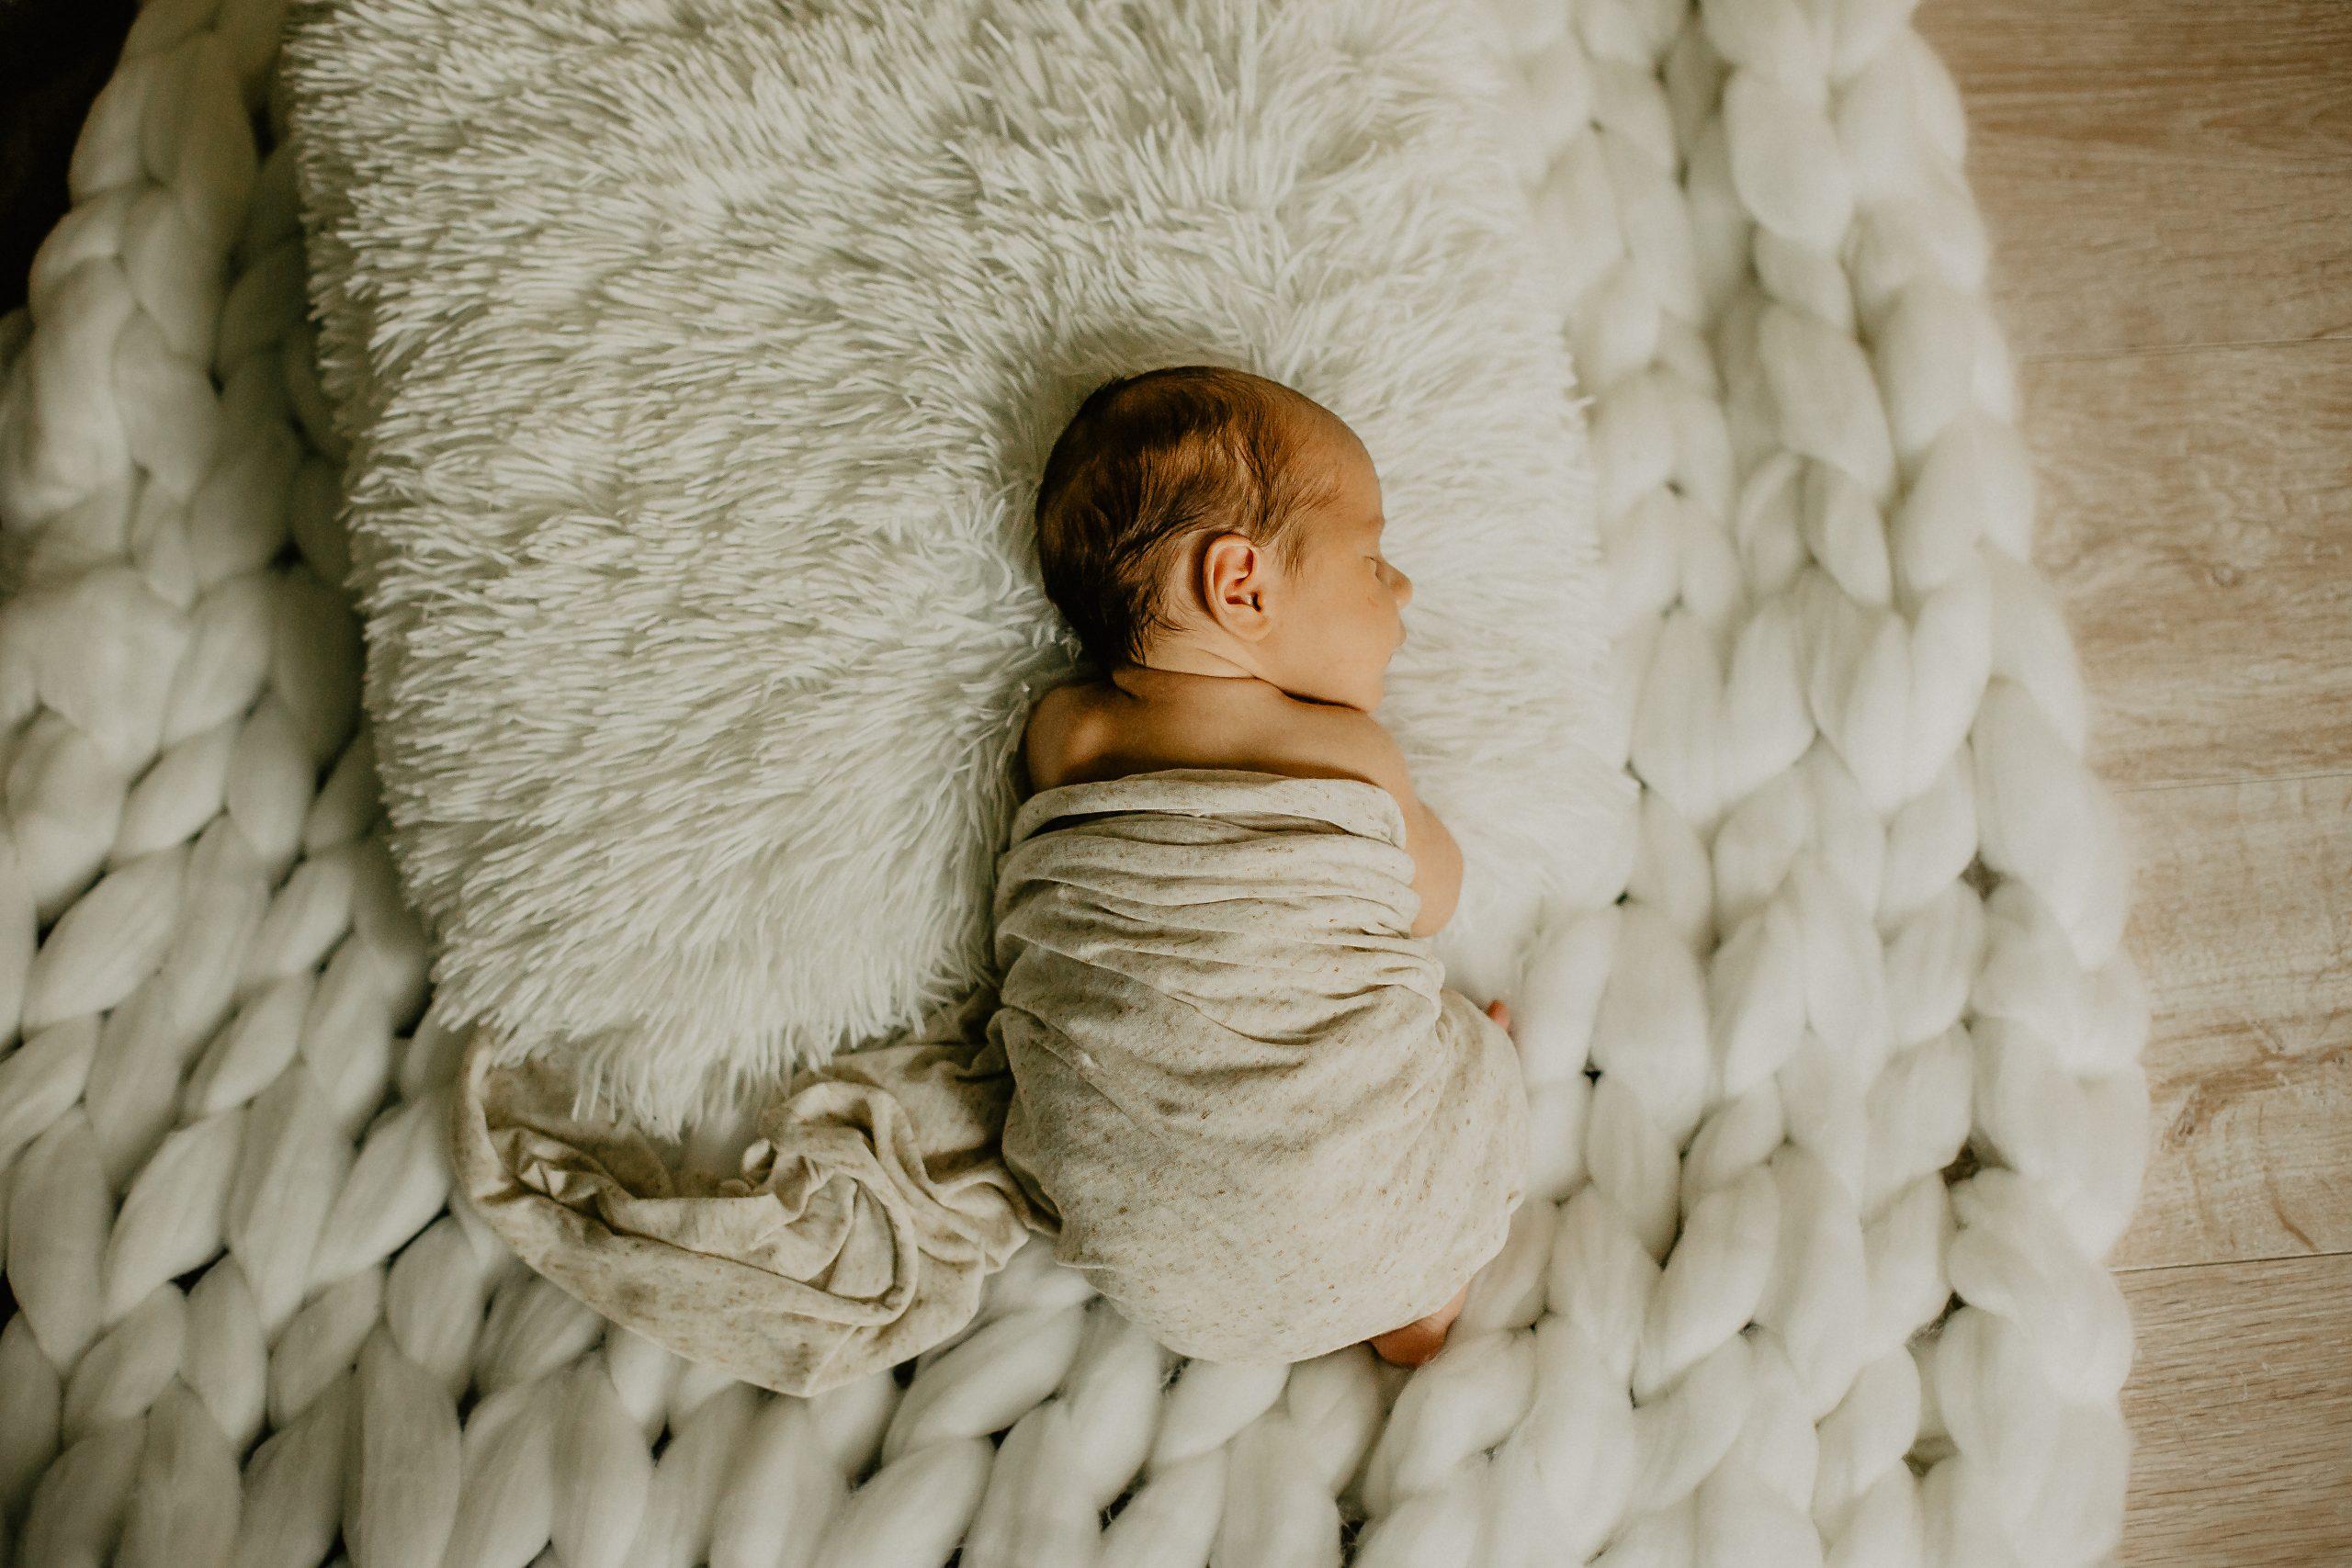 Virginie M. Photos-séance à domicile-bébé-naissance-lifestyle-amour-famille-photographe Lille-Nord-Lille-photos-nouveau né (28)